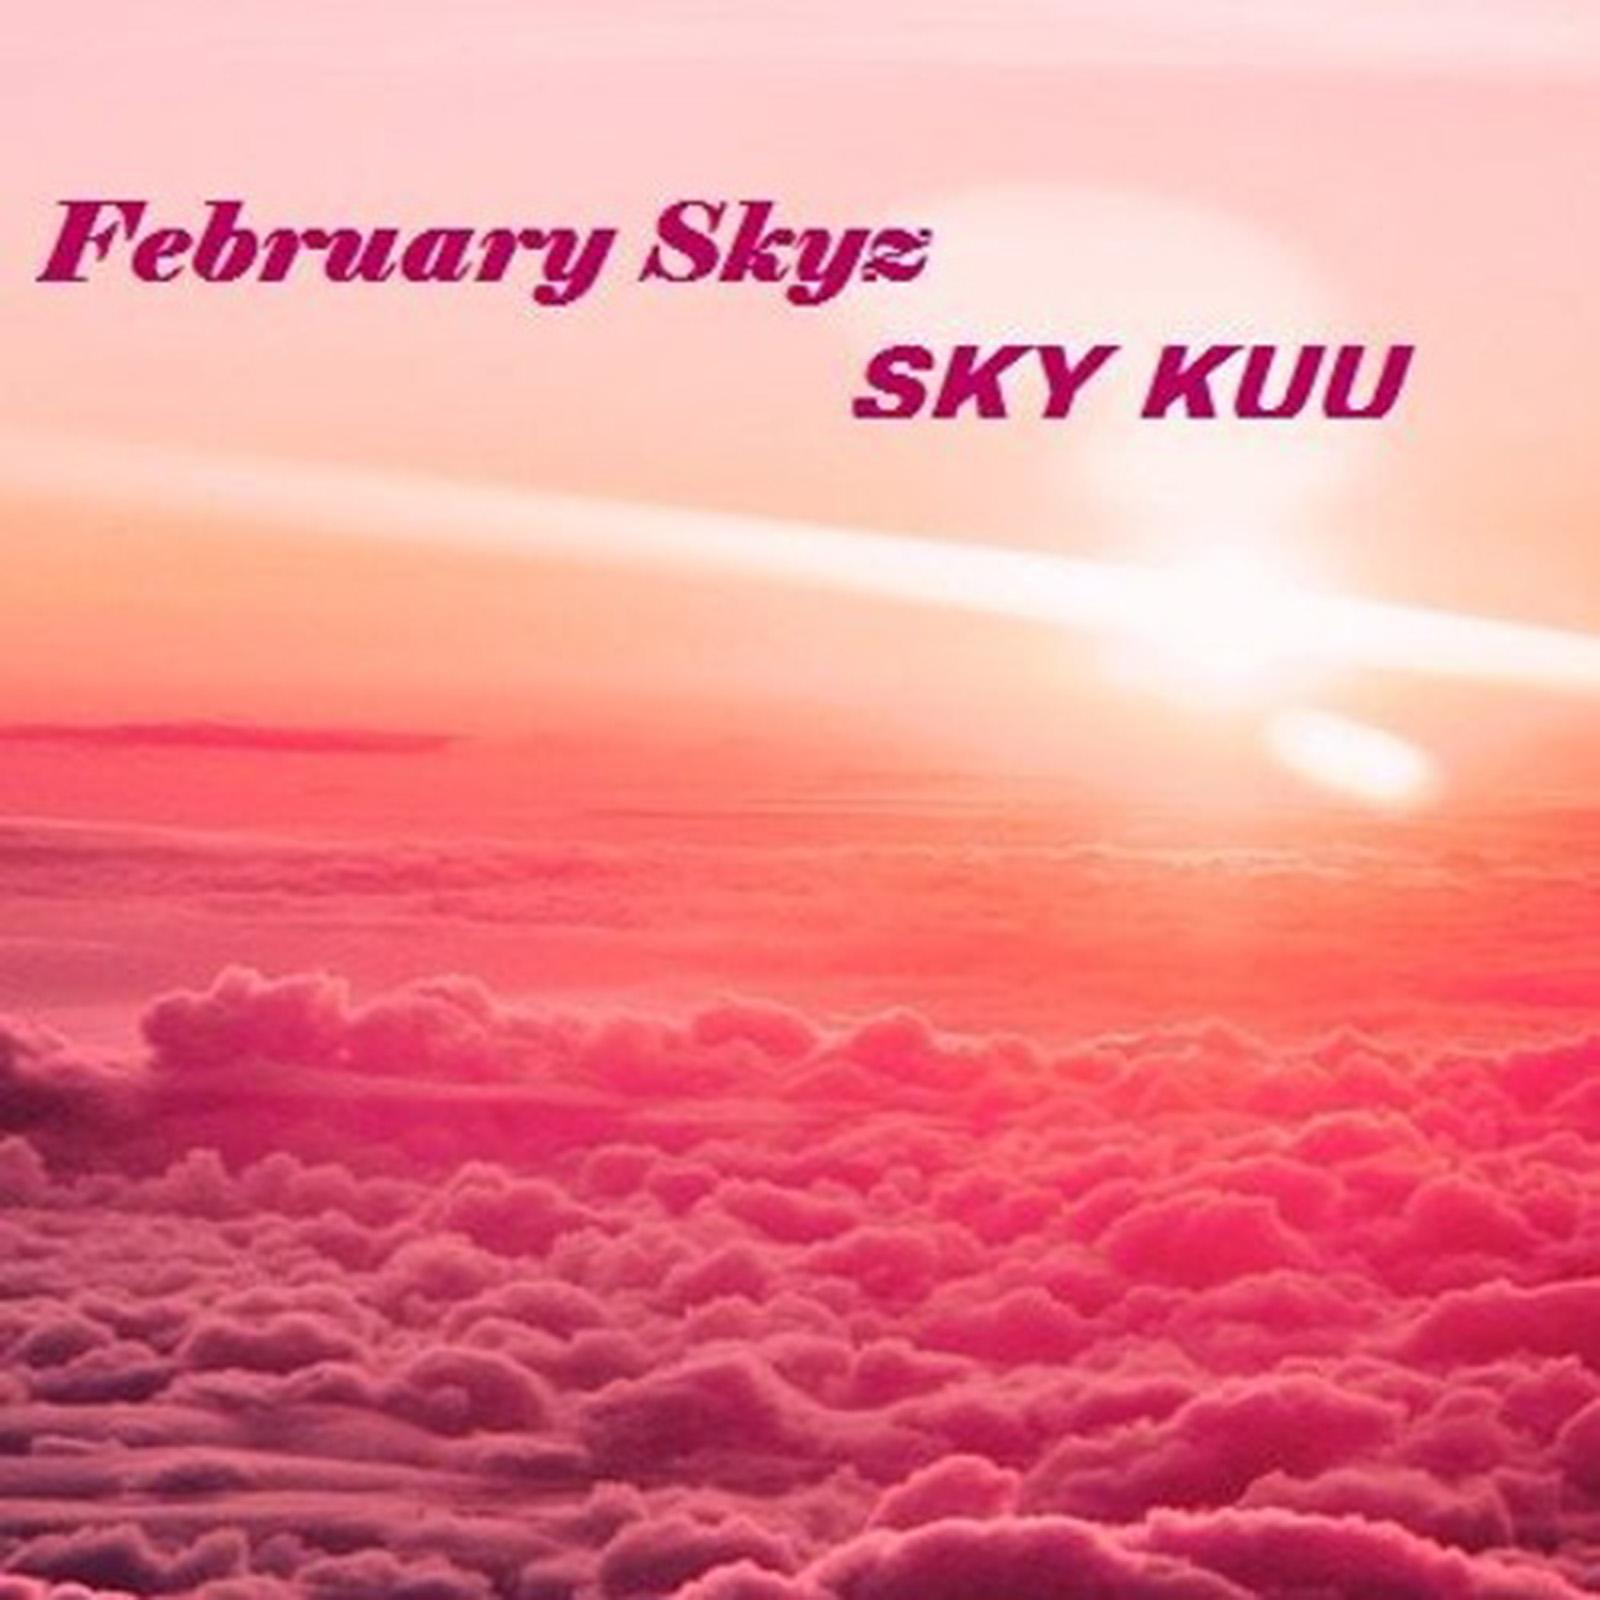 February Skyz by Sky Kuu